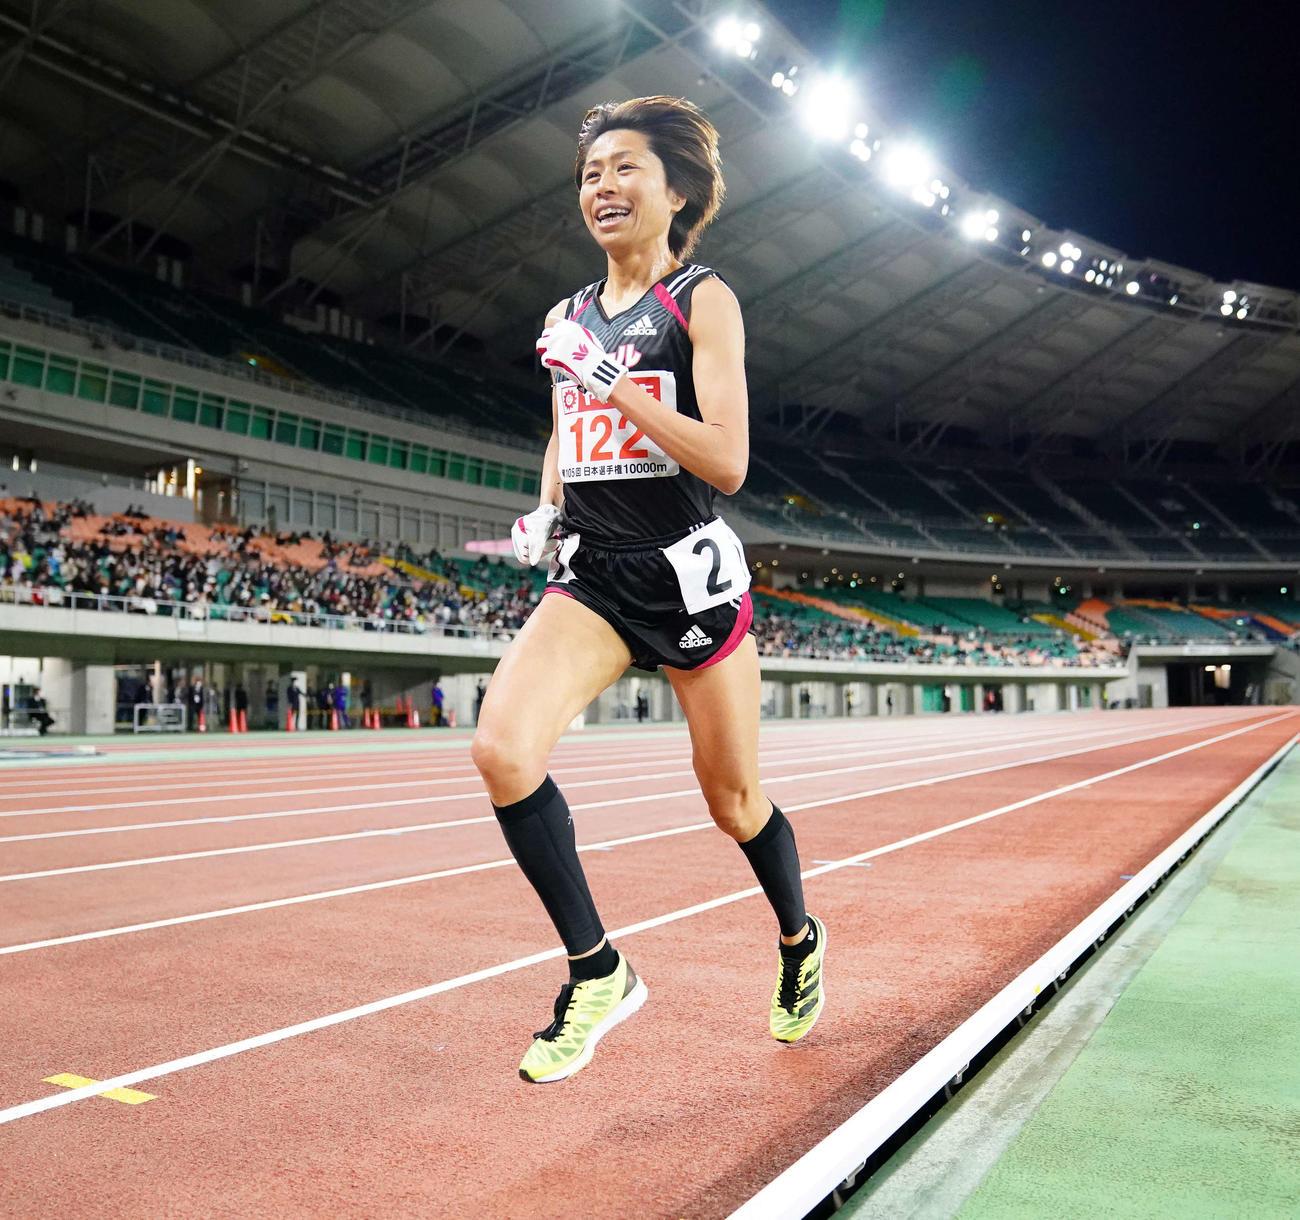 女子1万メートルで笑顔を見せながら力走する福士(撮影・江口和貴)